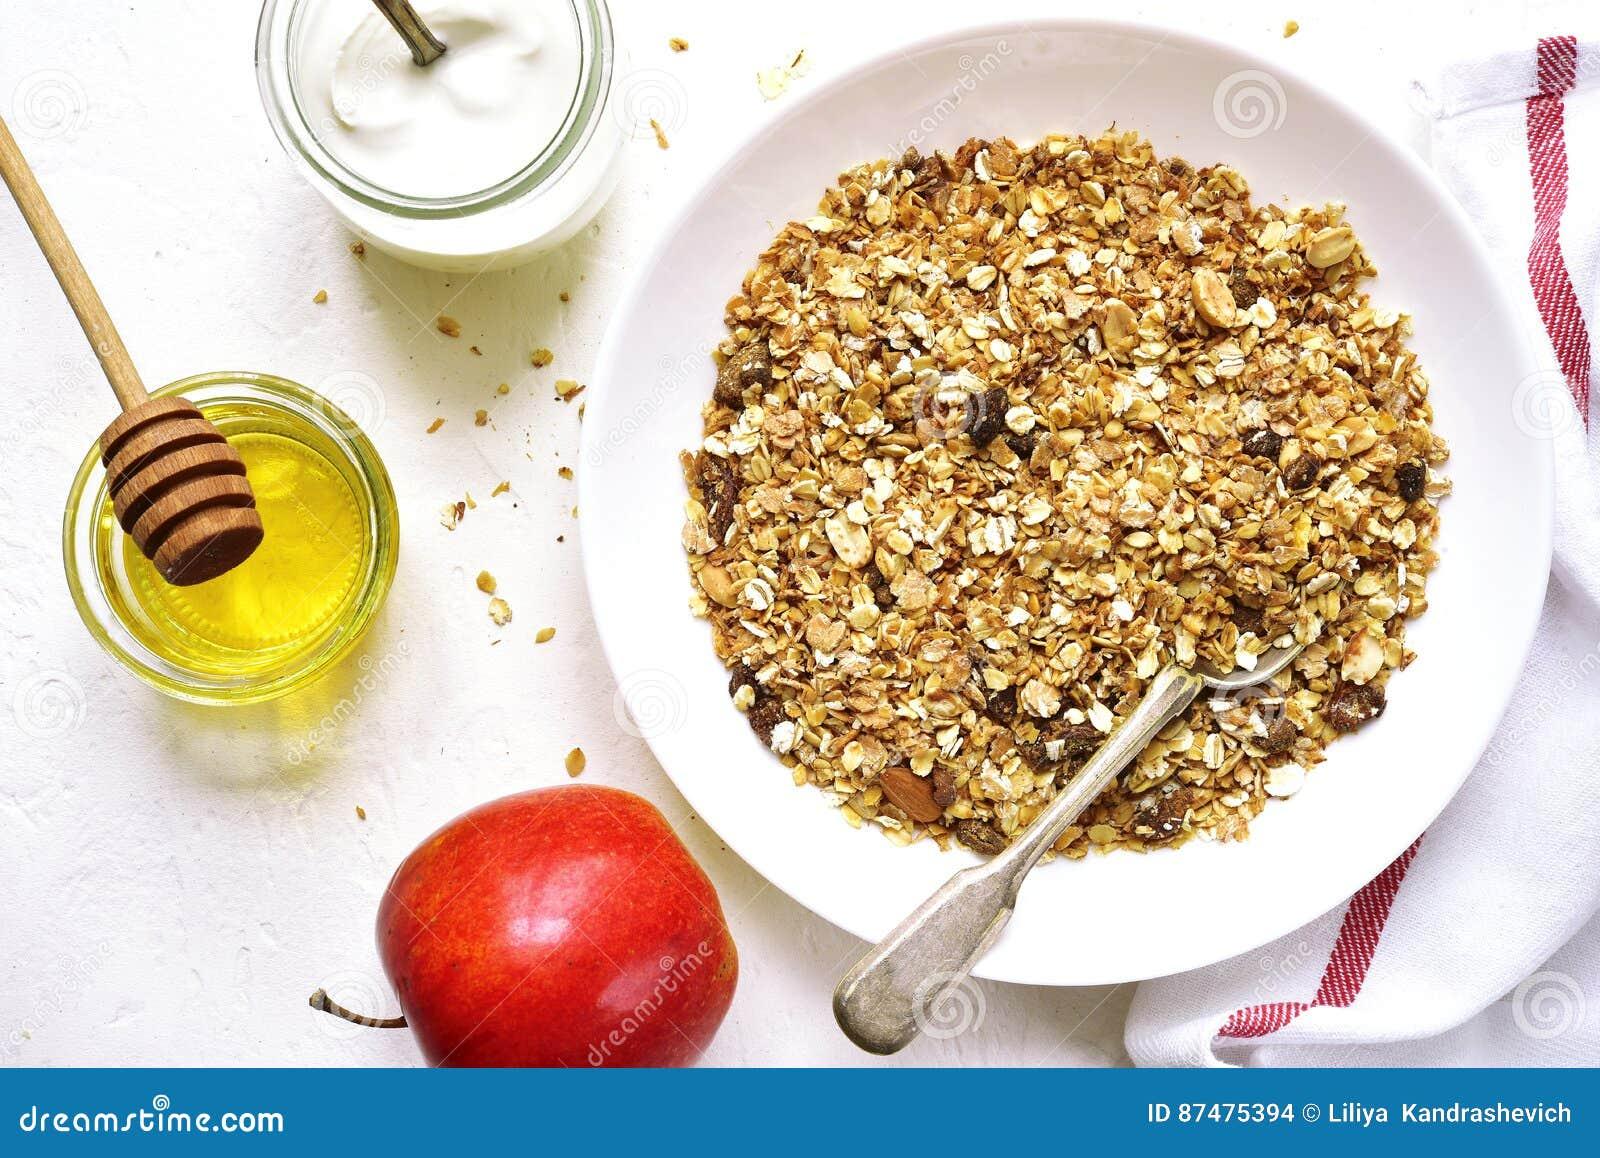 Завтрак здорового питания: granola, плодоовощи, югурт и мед верхняя часть соперничает